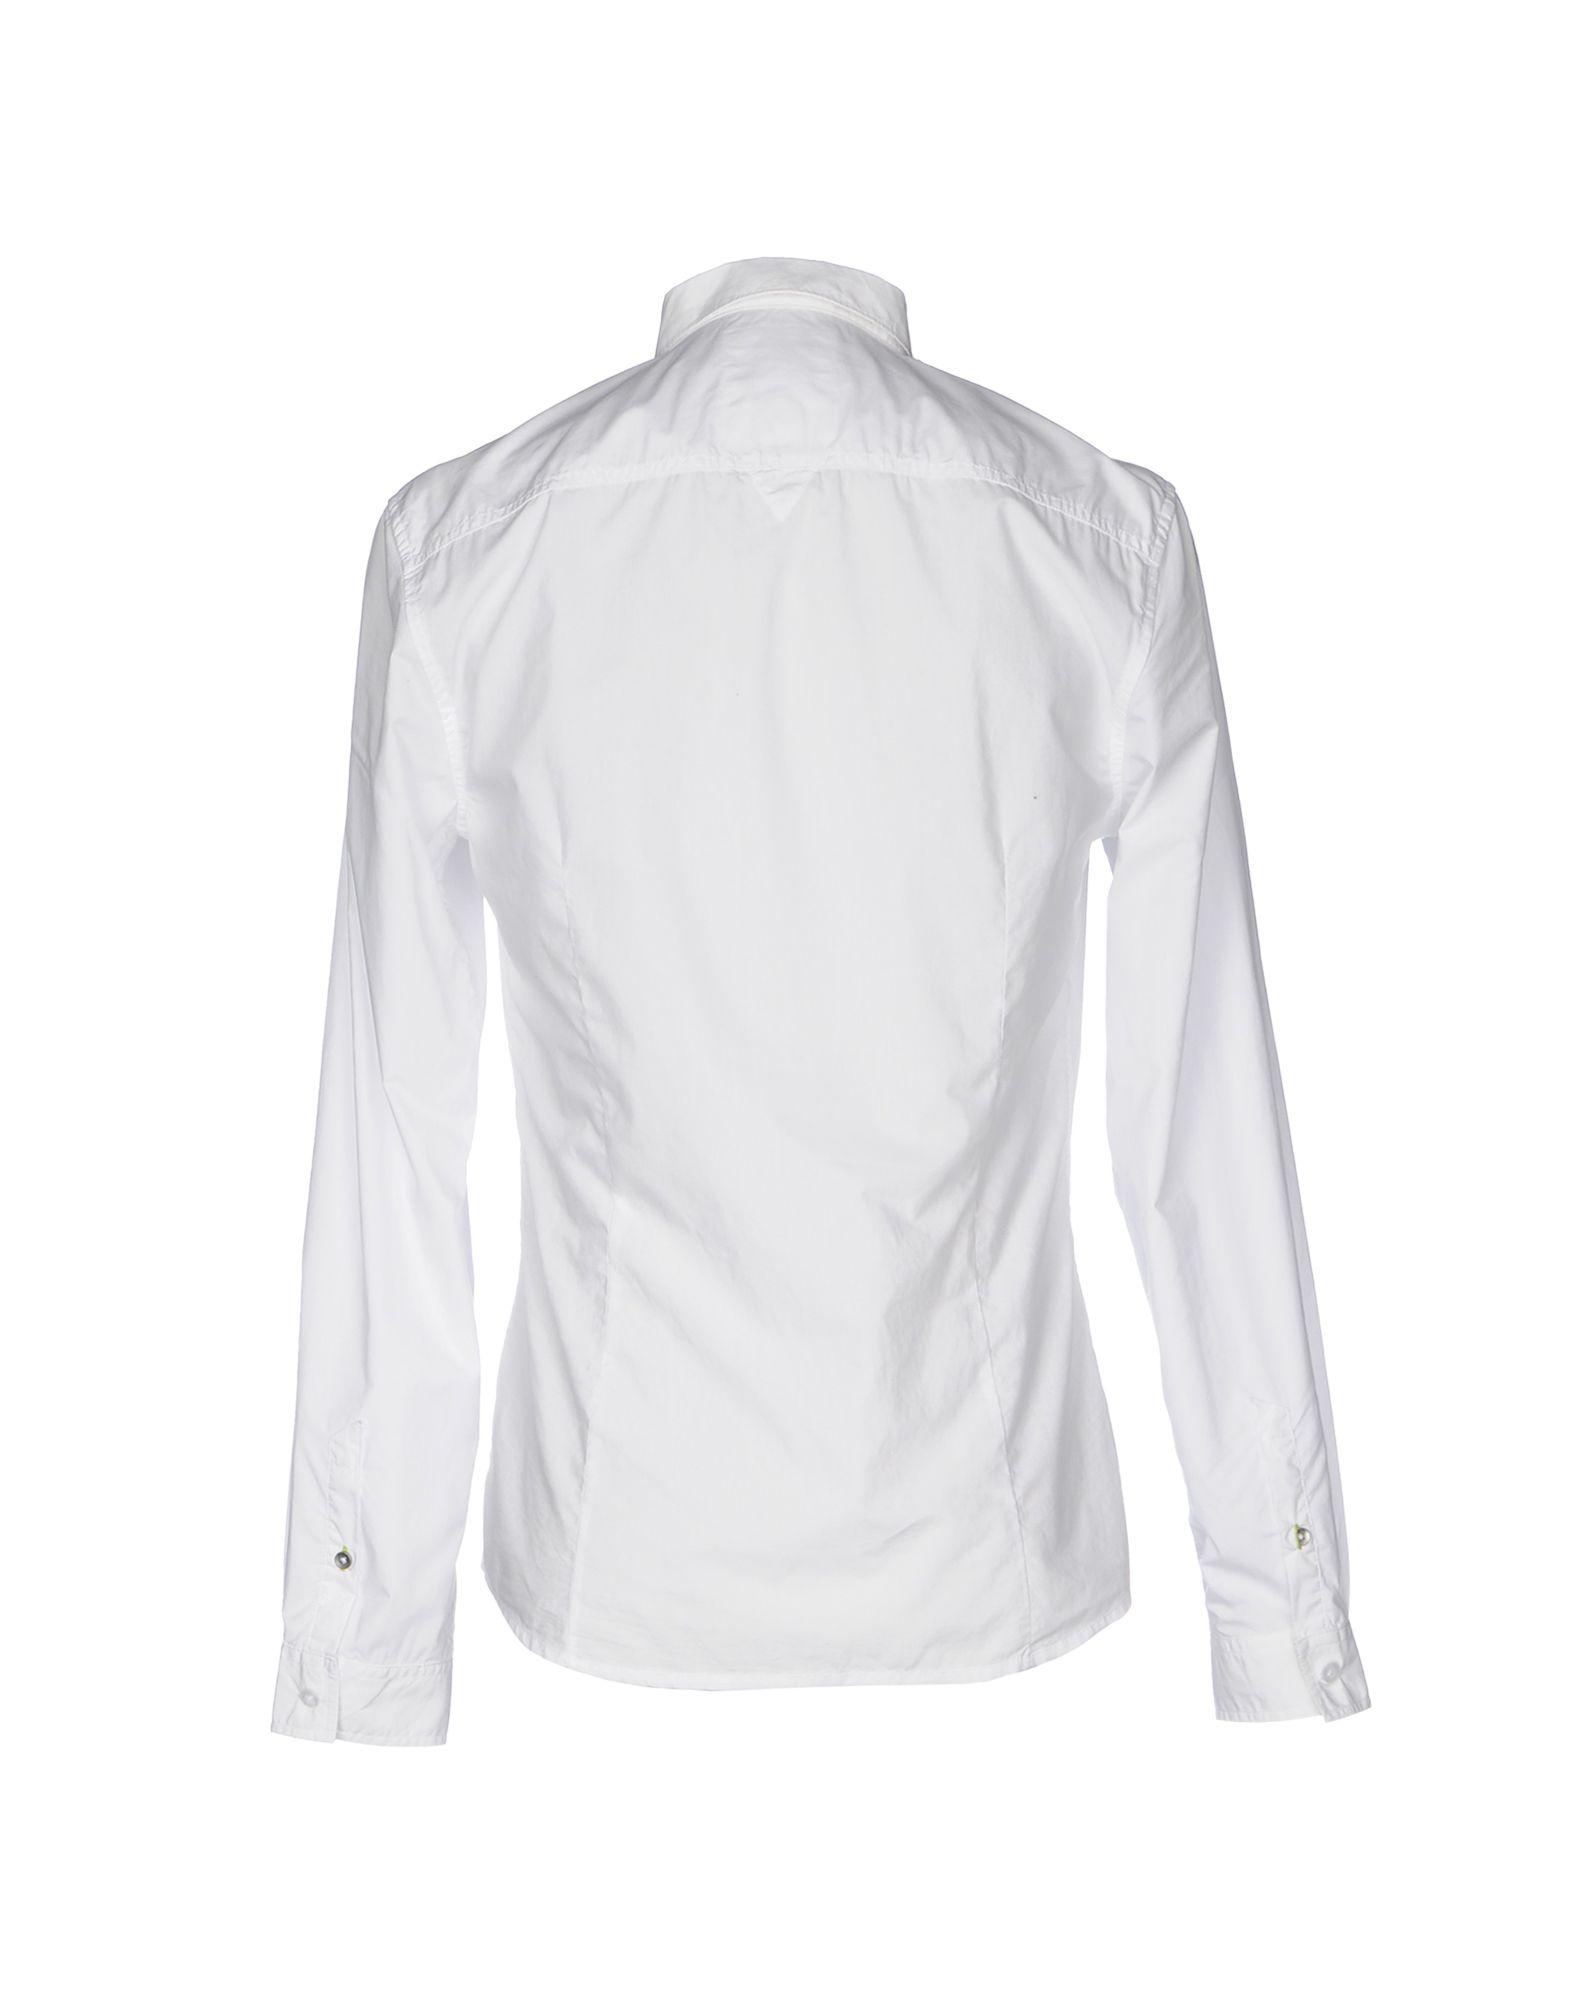 Camicia Tinta Tinta Tinta Unita Guess Uomo - 38659713QJ a2896b